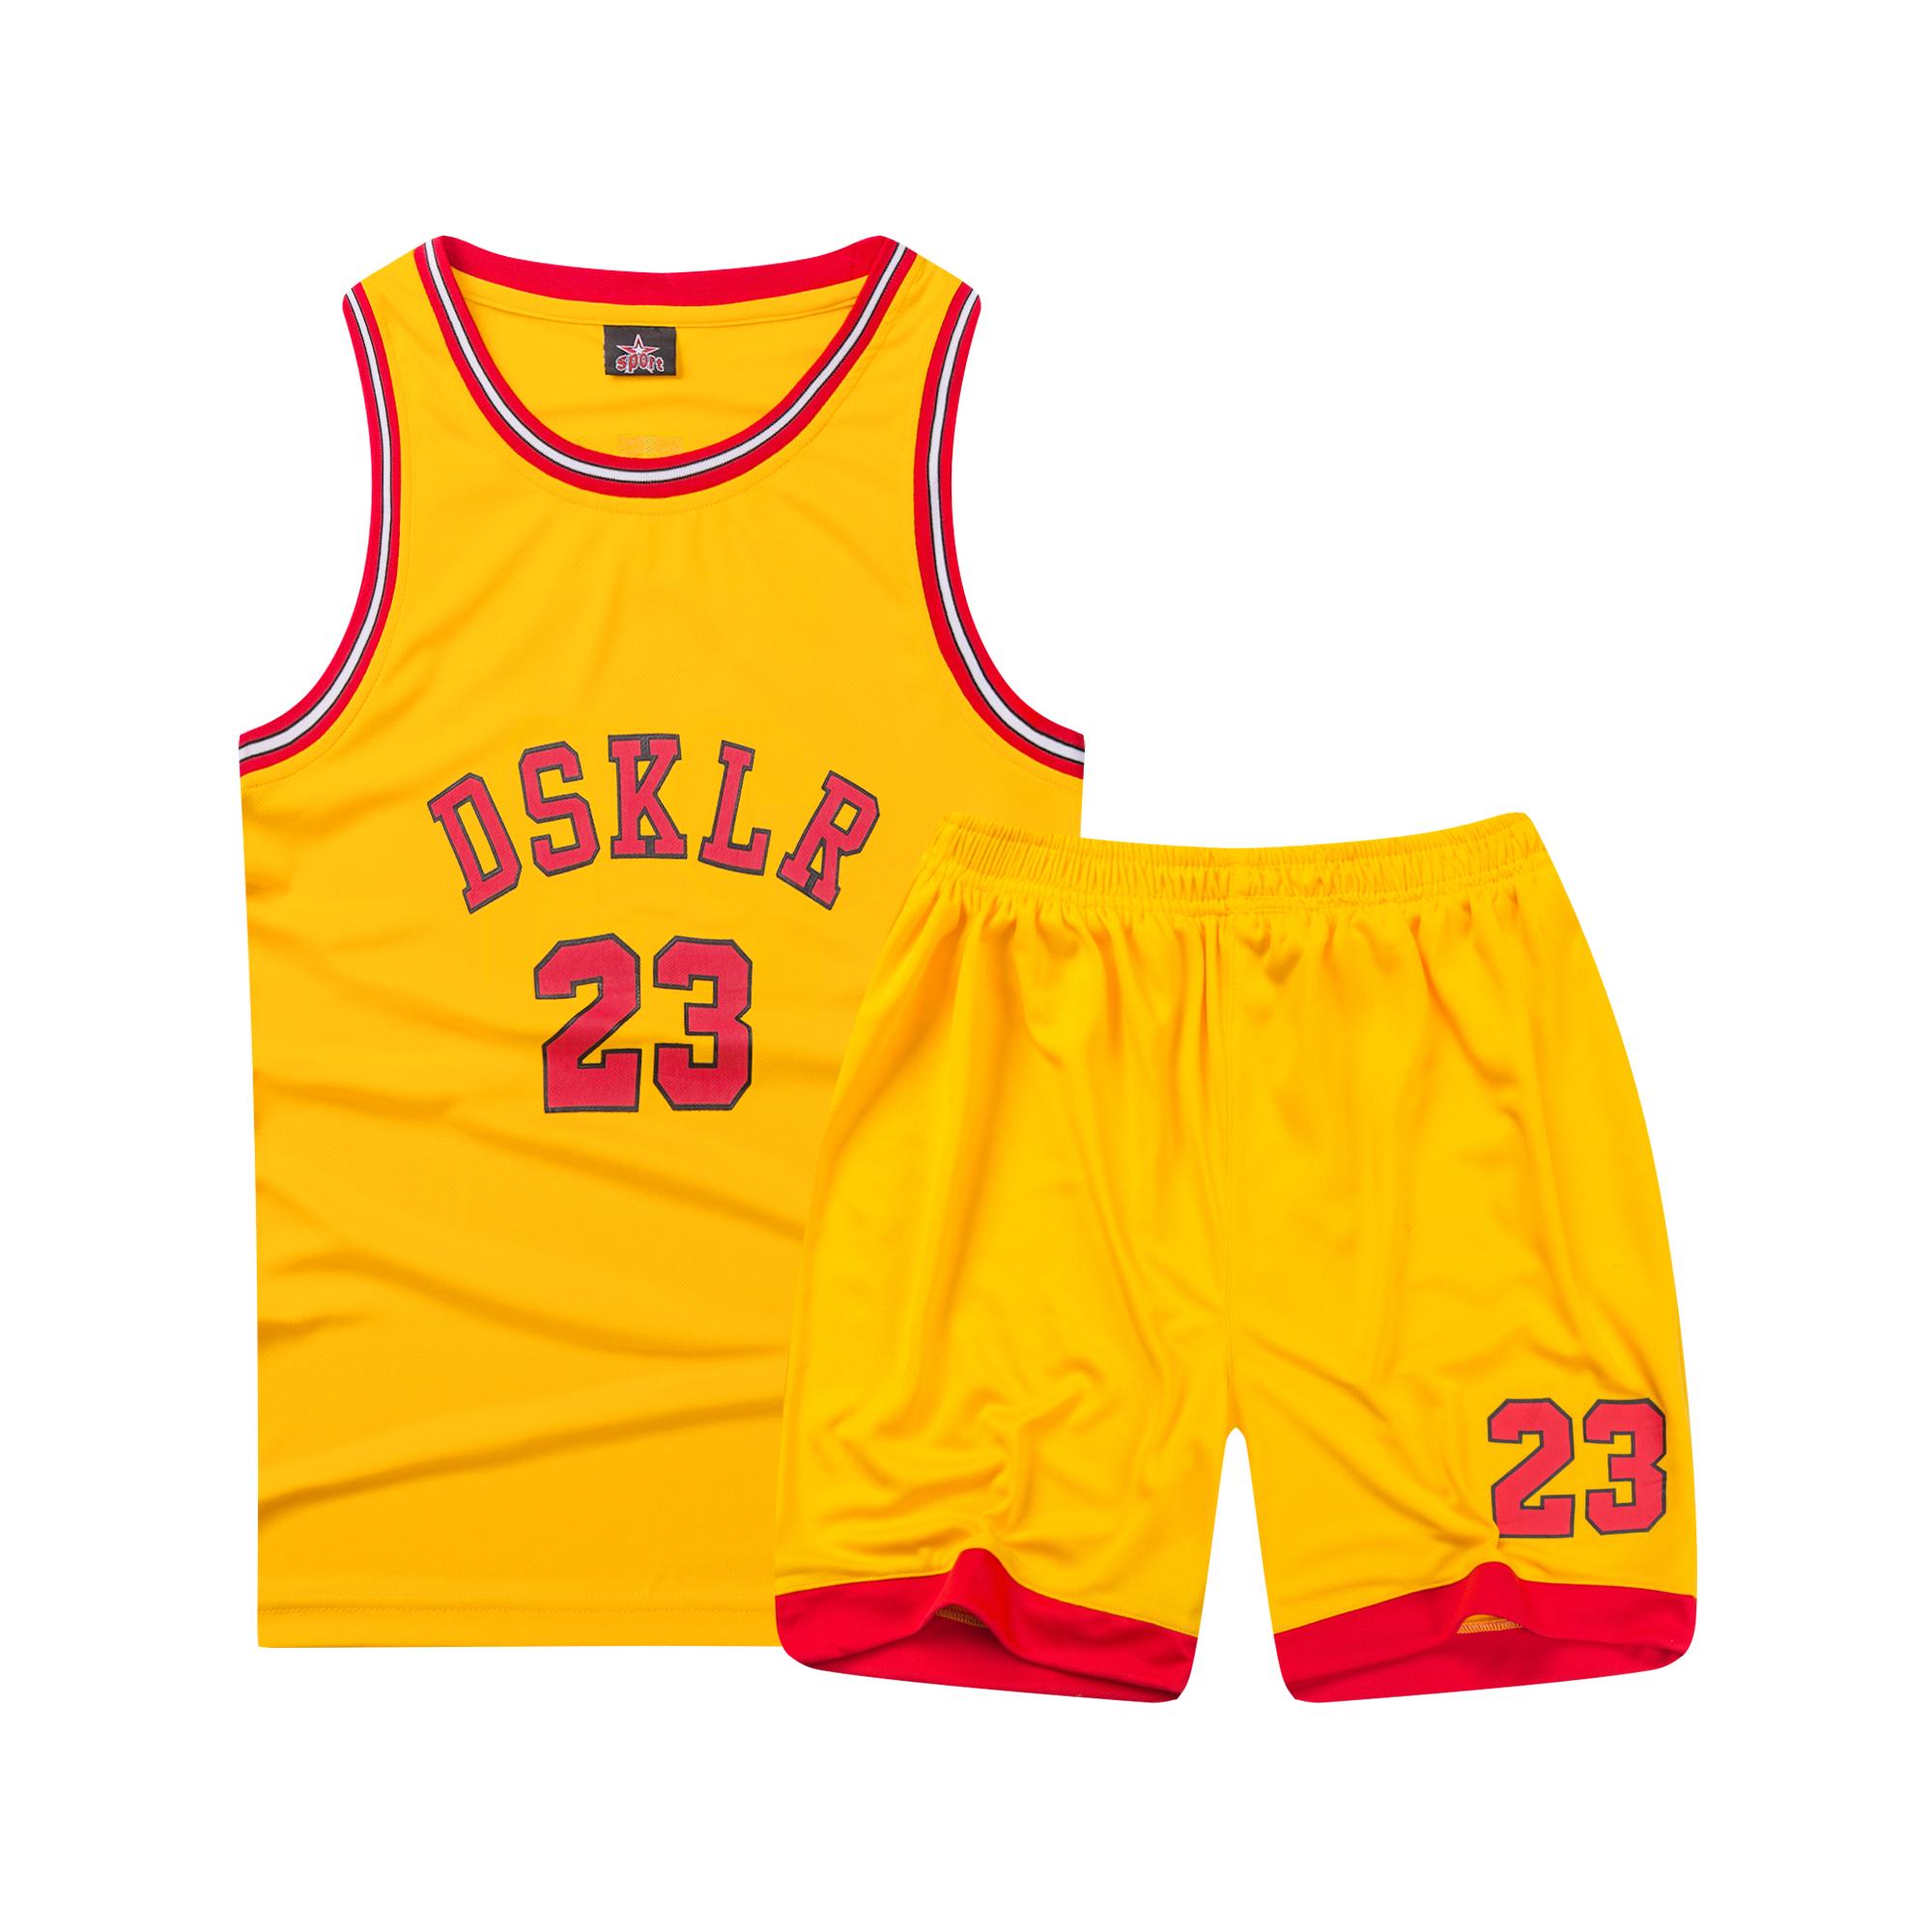 童装夏季男女婴幼儿童装 幼儿园背心短裤宝宝篮球衣服运动套装